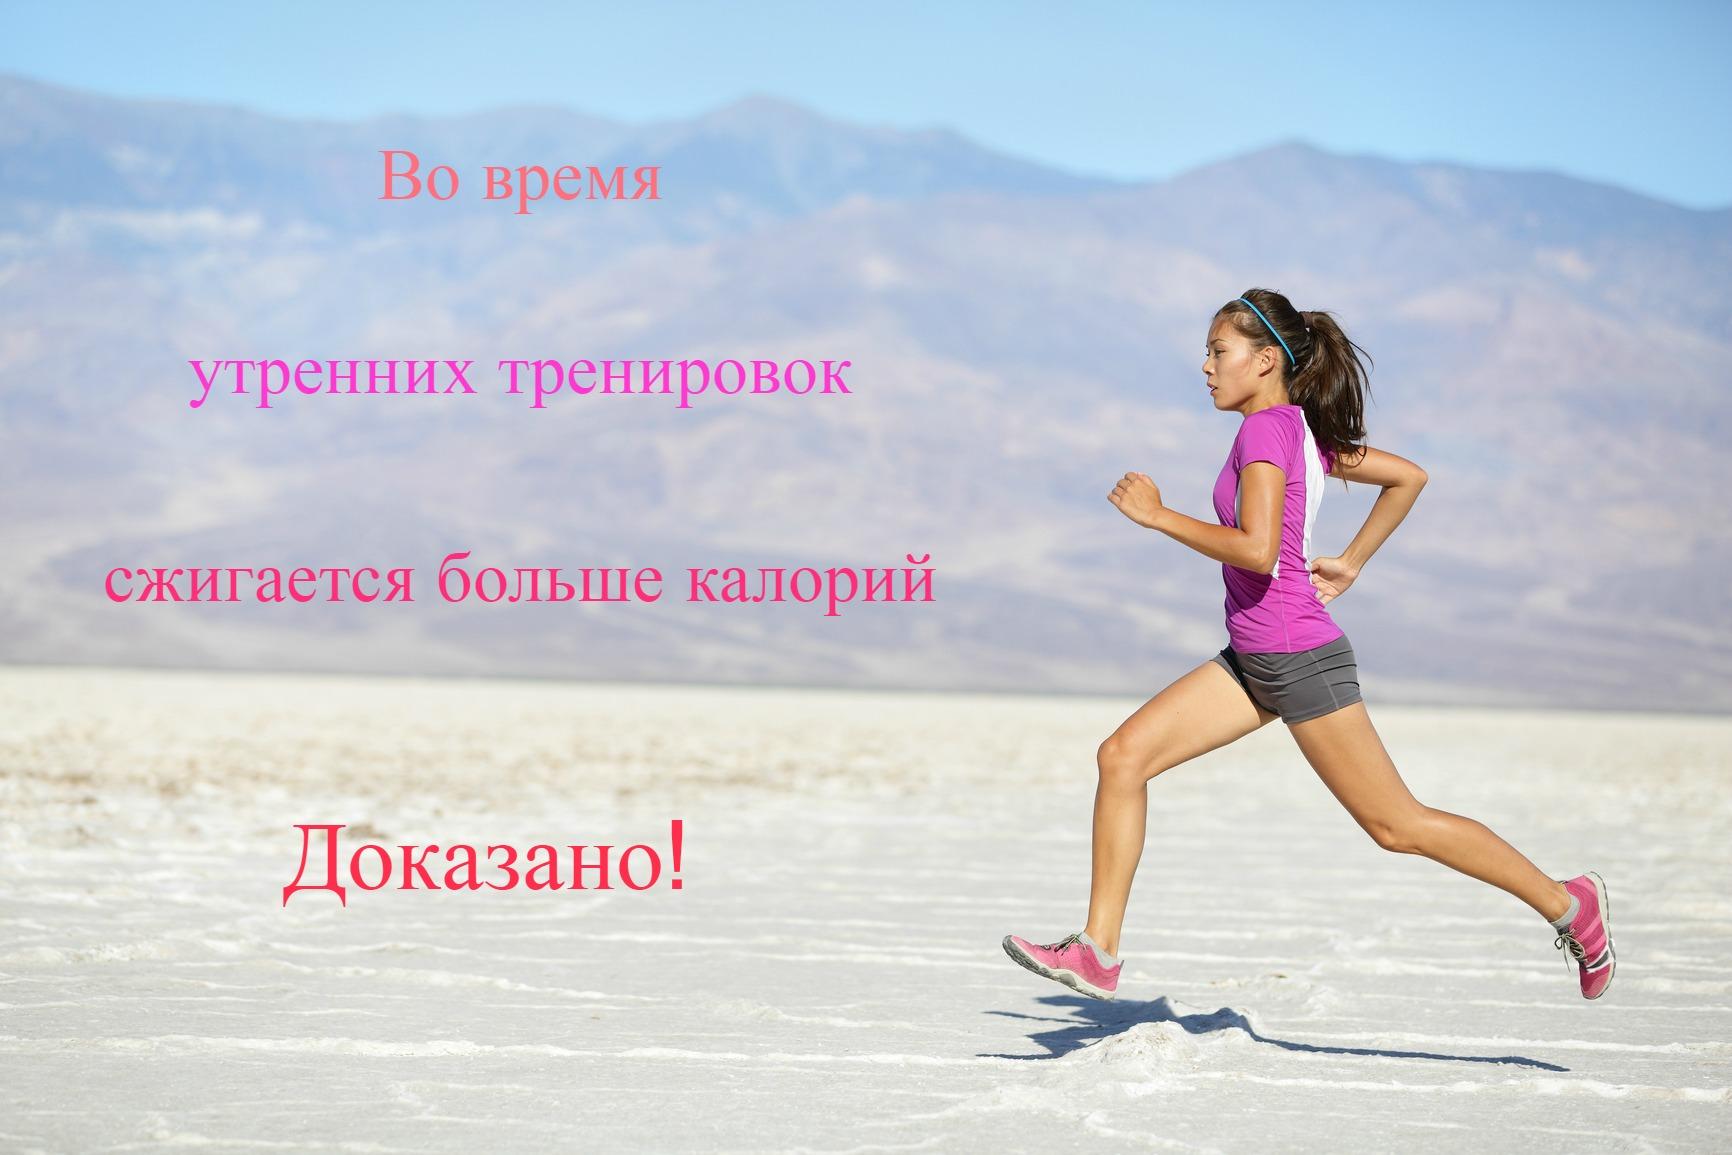 Мотивирующий постер поможет тебе настроиться на эффективную тренировку